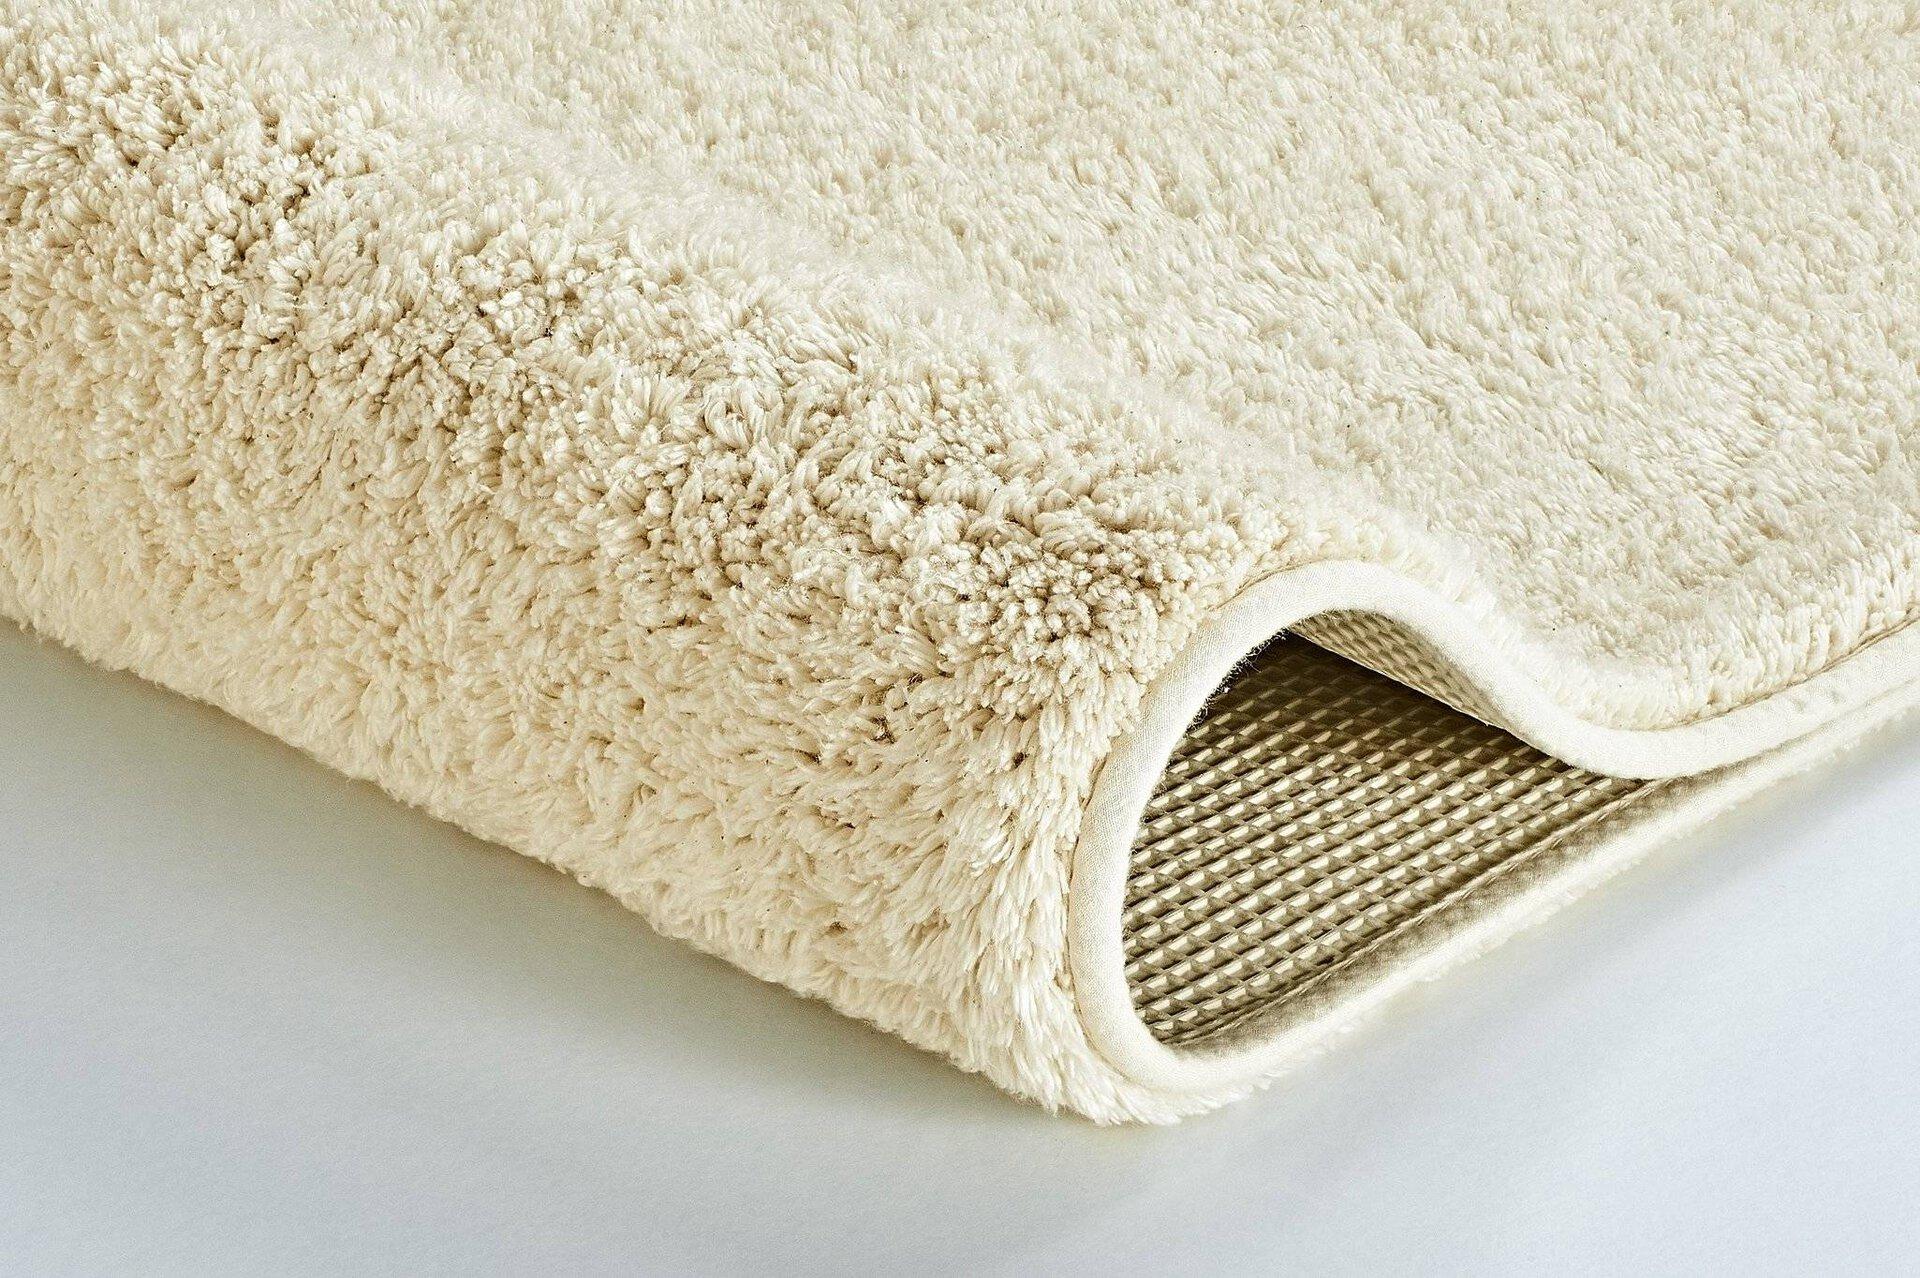 Badteppich Kansas Kleine Wolke Textil 65 x 1 x 55 cm